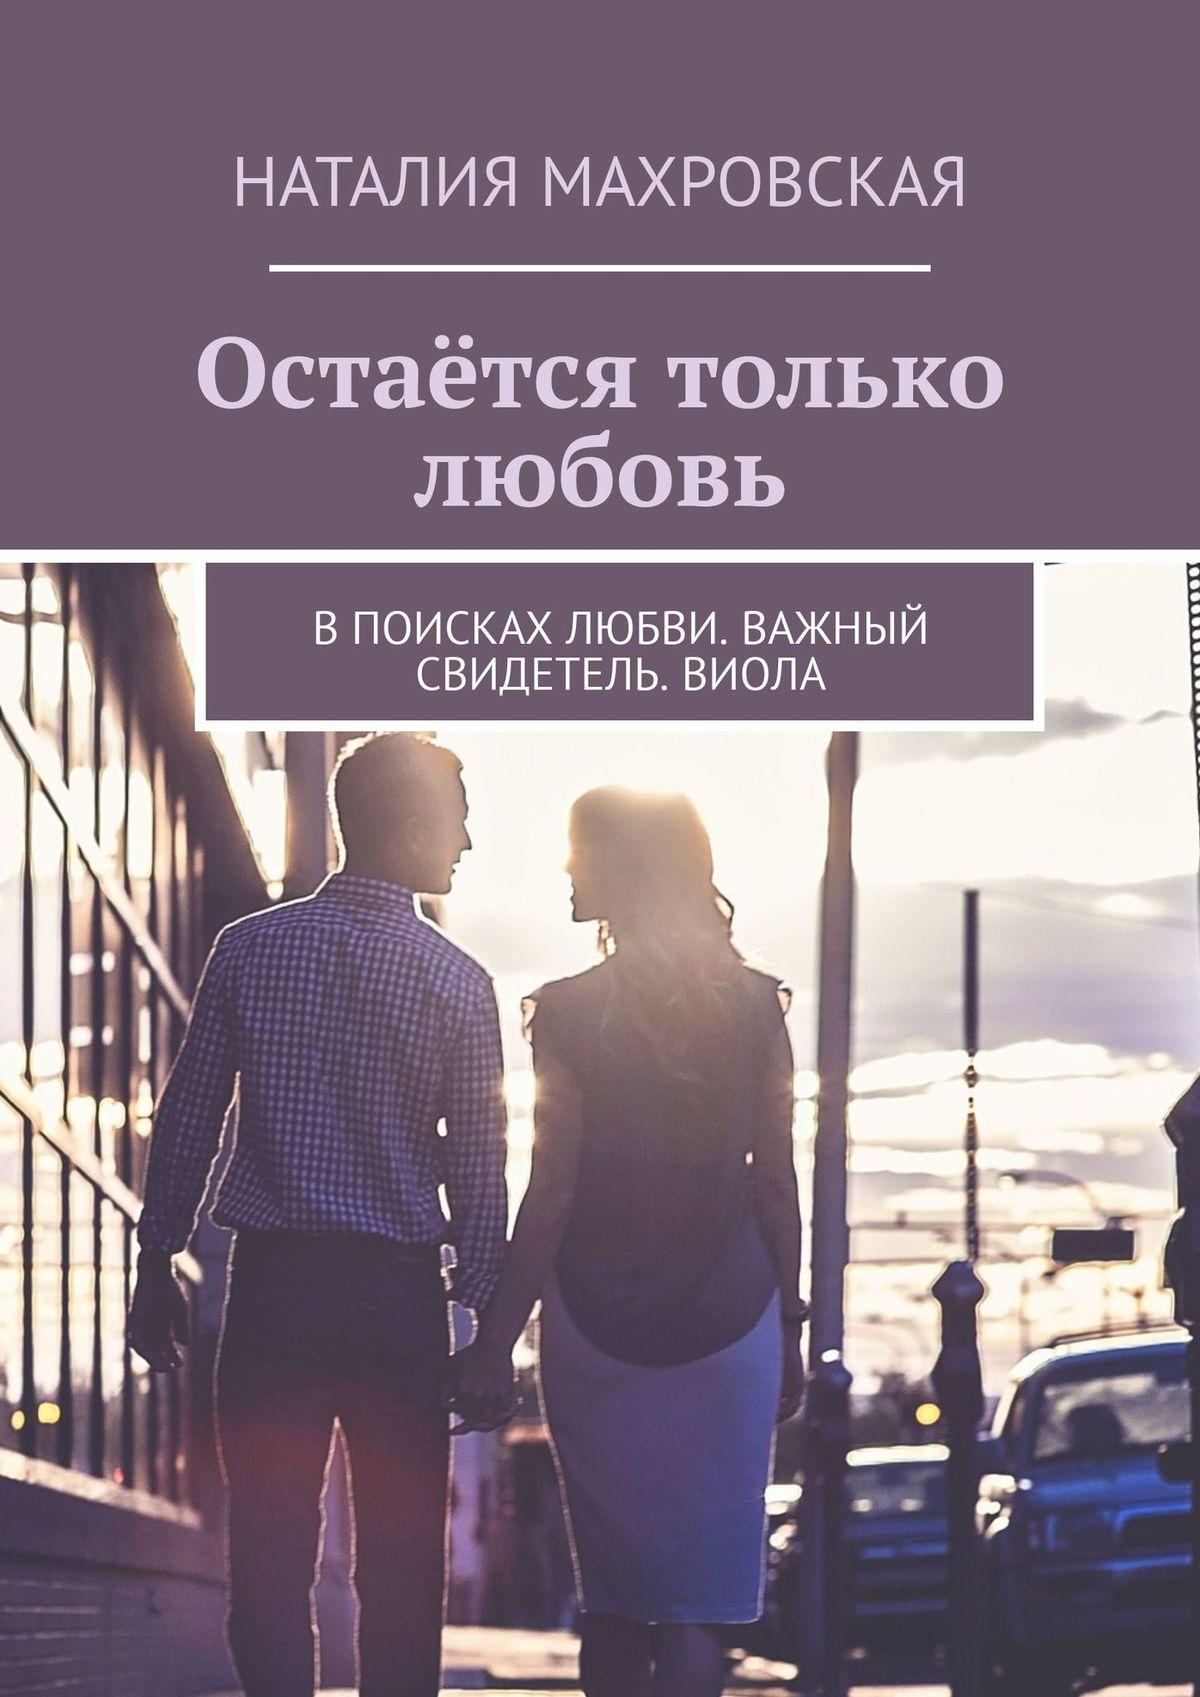 Наталия Махровская Остаётся только любовь. Впоисках любви. Важный свидетель. Виола витковская ирина три книги про любовь с автографом автора